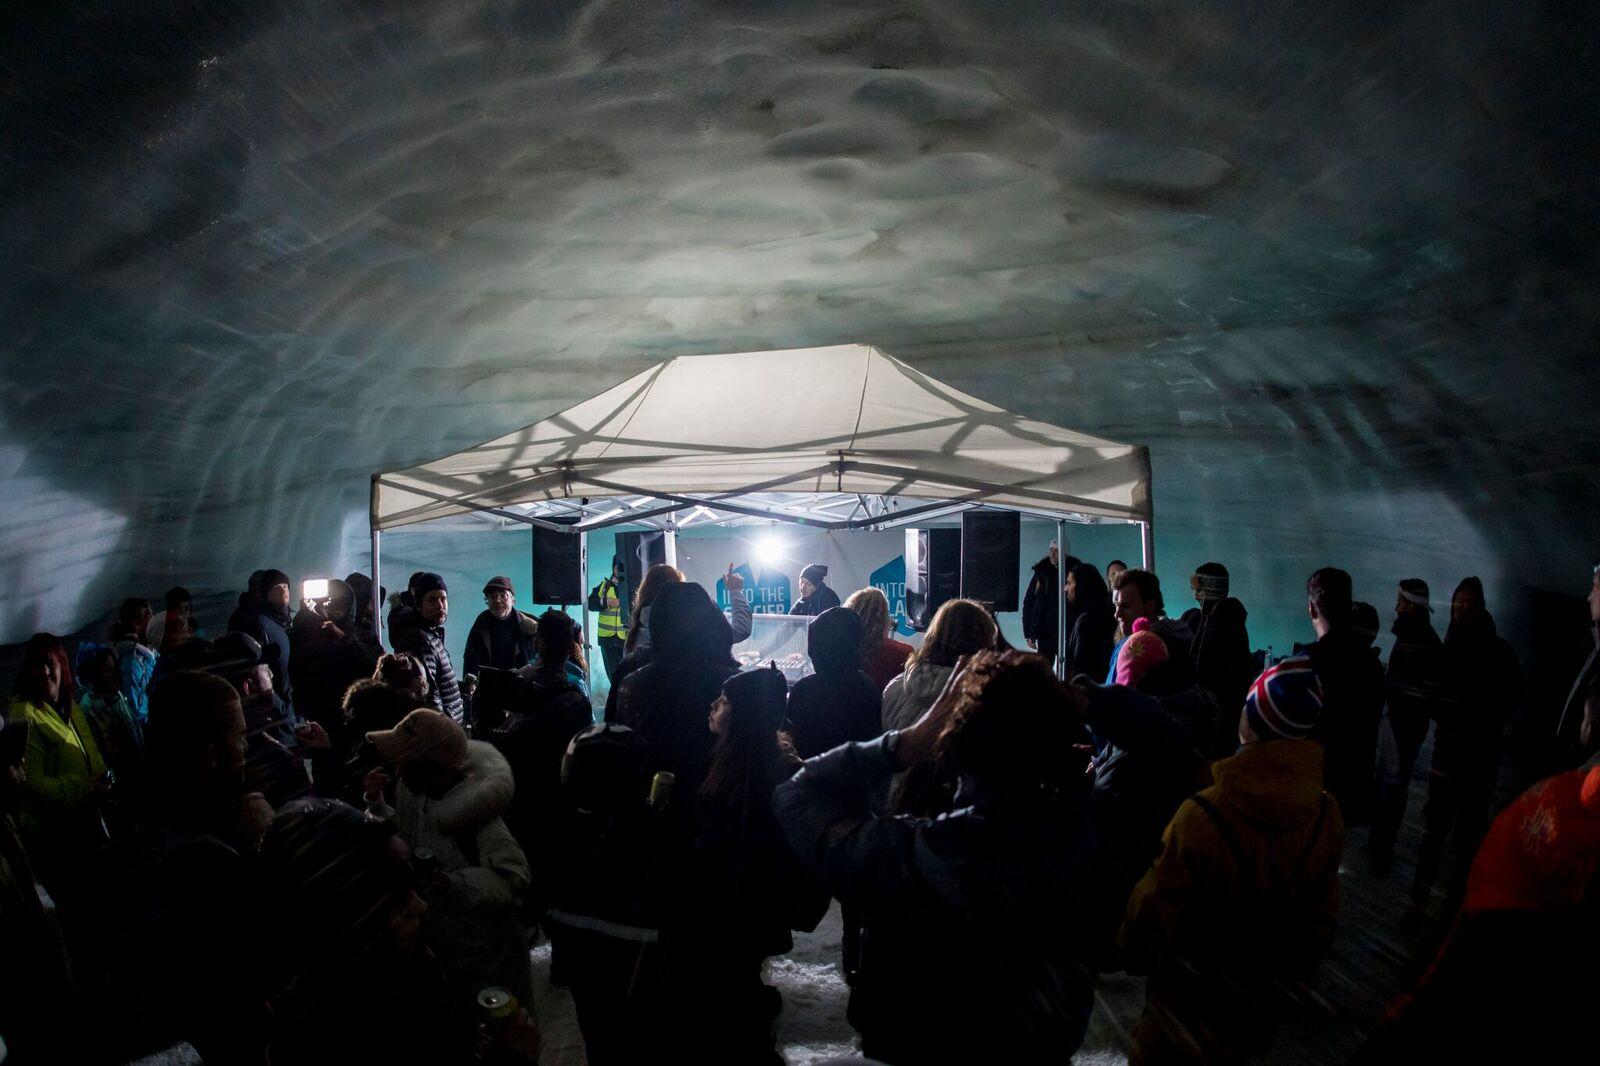 Inside Iceland's Secret Solstice: five moments that ruled the festivalSecretSolstice 6 23 18 AJRphotos DAEclusive 004 Copy Preview